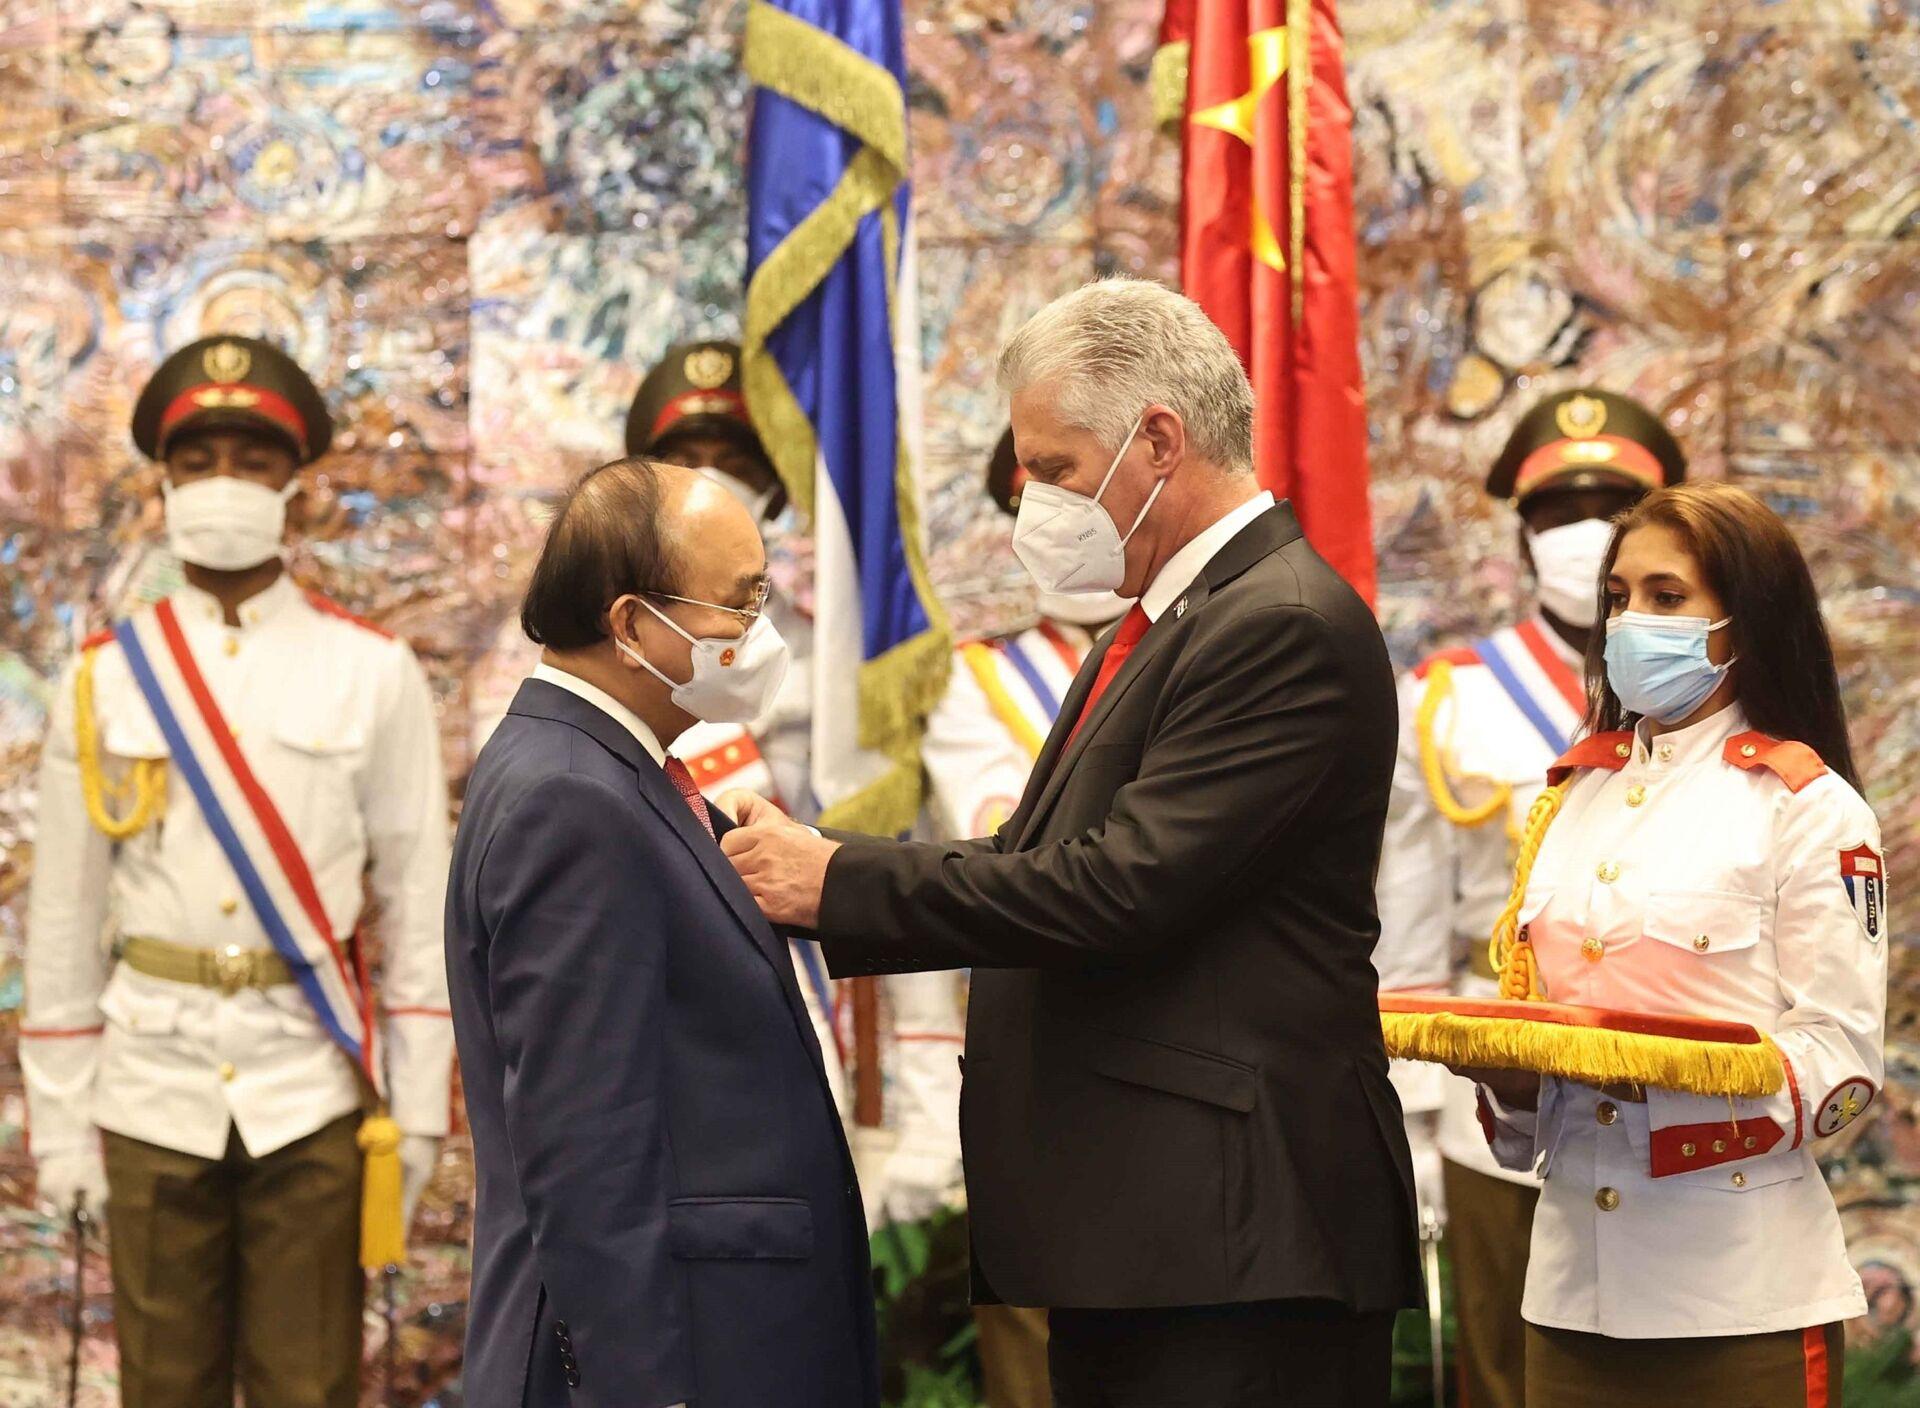 Chủ tịch nước Miguel Diaz Canel Bermudez gắn Huân chương Jose Marti cho Chủ tịch nước Nguyễn Xuân Phúc - Sputnik Việt Nam, 1920, 05.10.2021